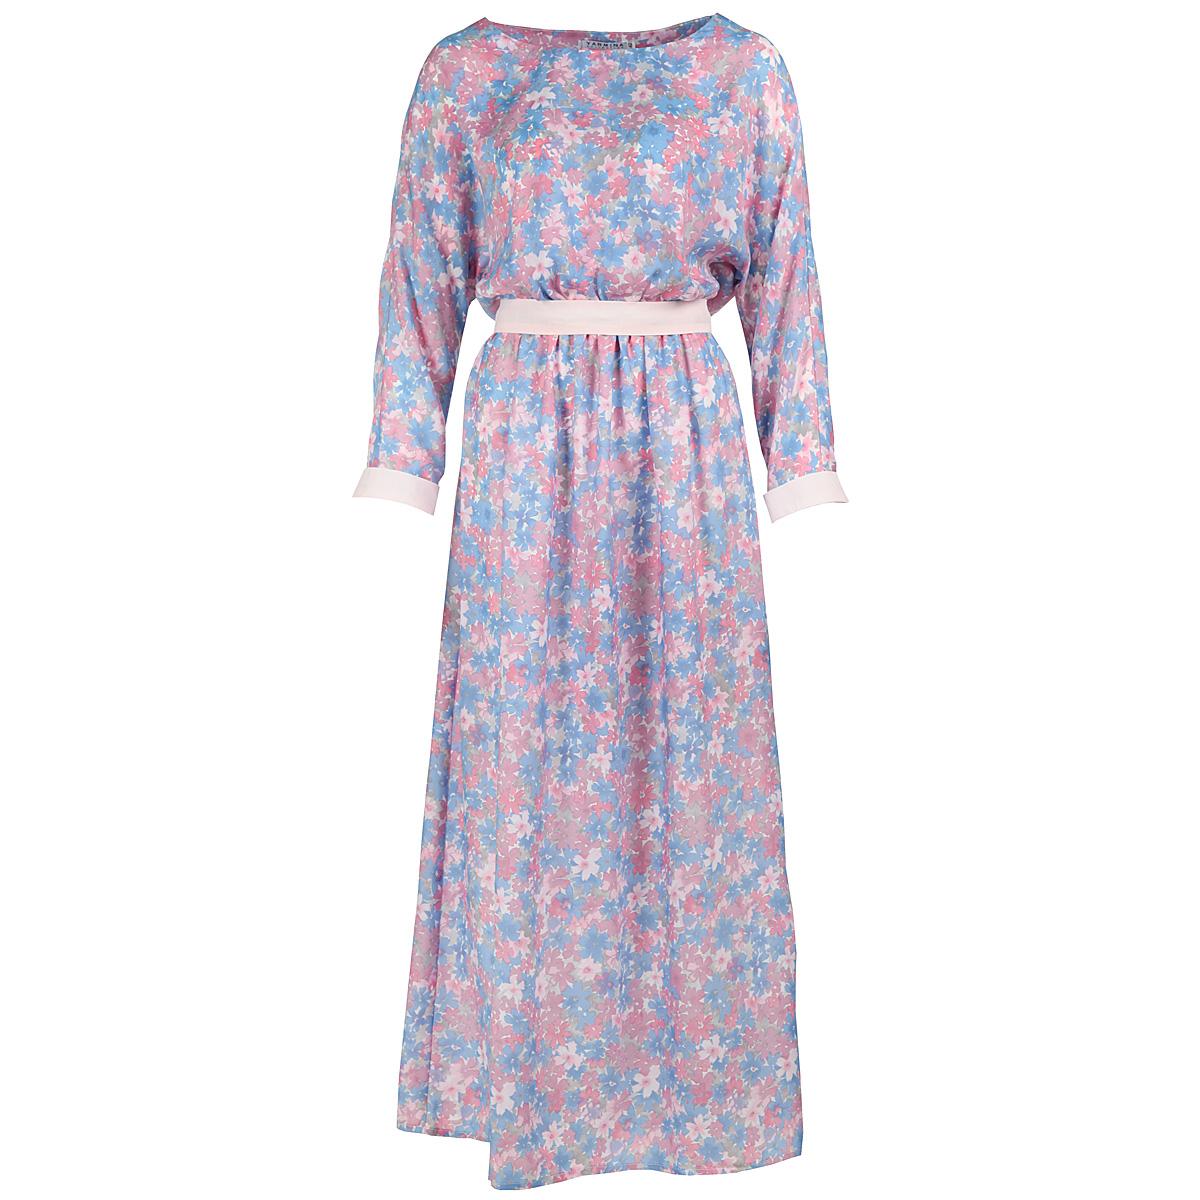 ПлатьеY1108-0146Элегантное платье Yarmina в пол придаст очарование и женственность своей обладательнице. Модель с отрезной талией, круглым вырезом горловины и длинными рукавами-кимоно выполнена из приятной струящейся ткани - вискозы с цветочным принтом. На талии модель собрана на резинку и дополнена изящным пояском. Рукава оформлены манжетами контрастного цвета. Изысканный наряд создаст обворожительный неповторимый образ. Приталенный силуэт подчеркивает стройность фигуры.